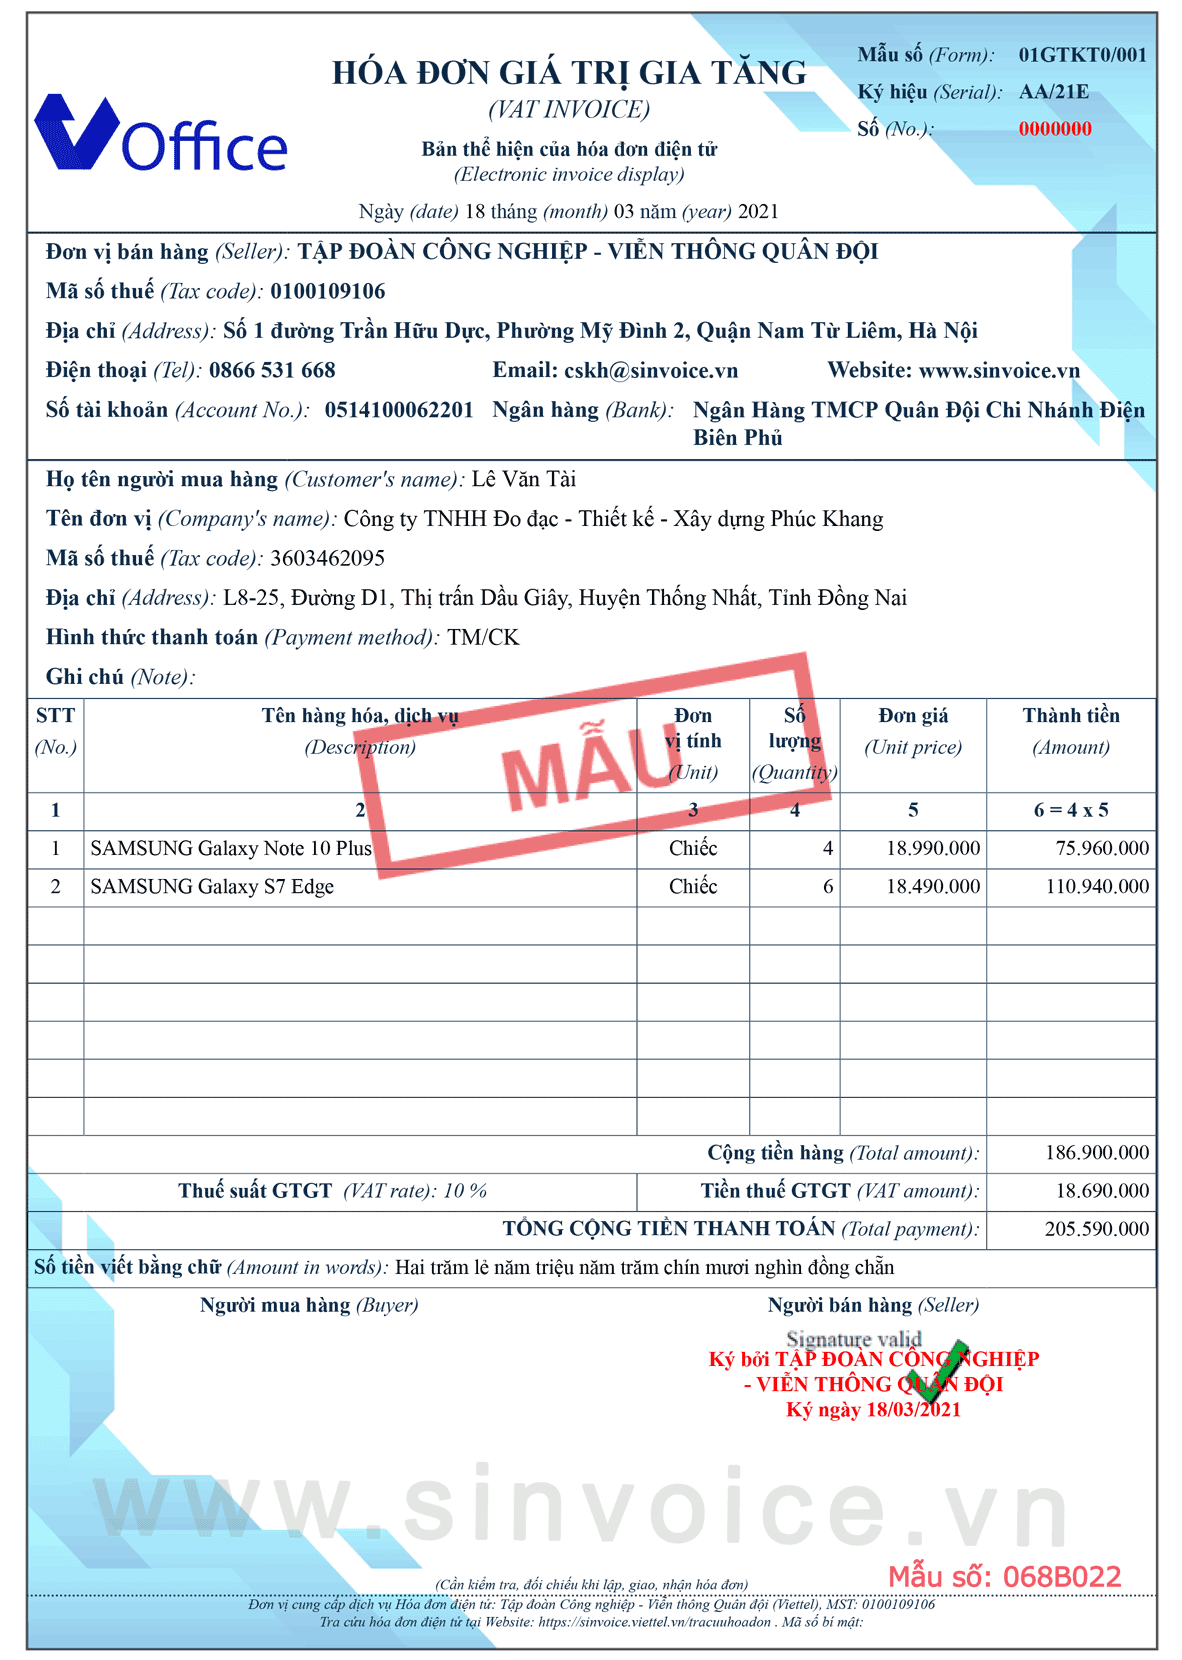 Mẫu hóa đơn điện tử số 068B022